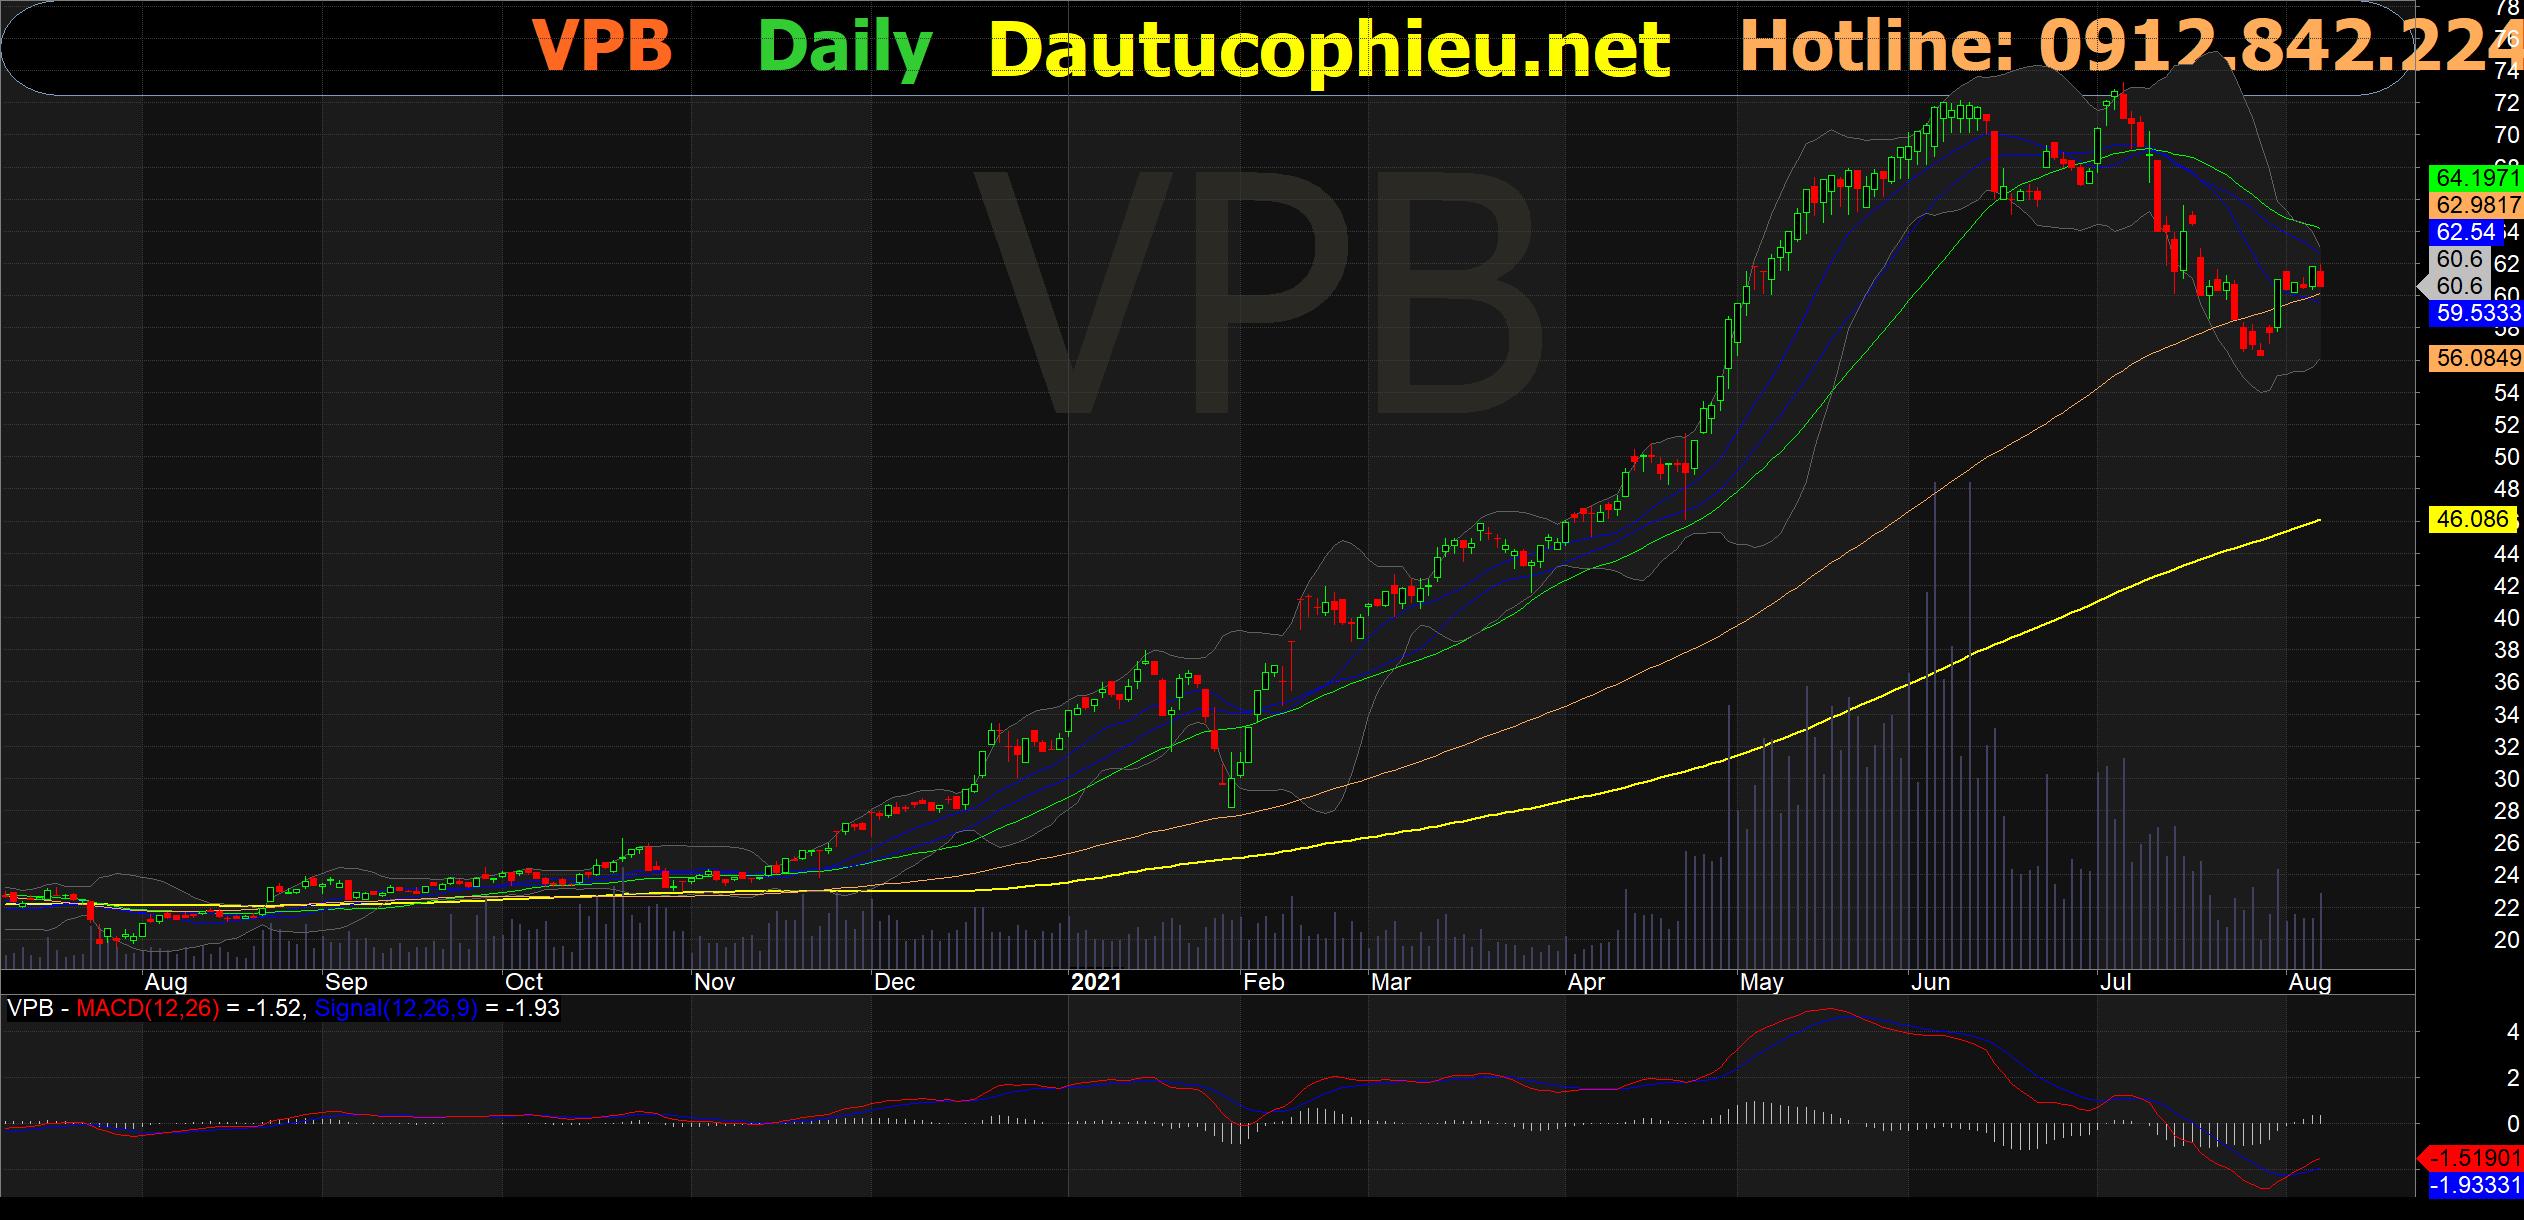 Đồ thị cổ phiếu VPB phiên giao dịch ngày 06/08/2021. Nguồn: AmiBroker